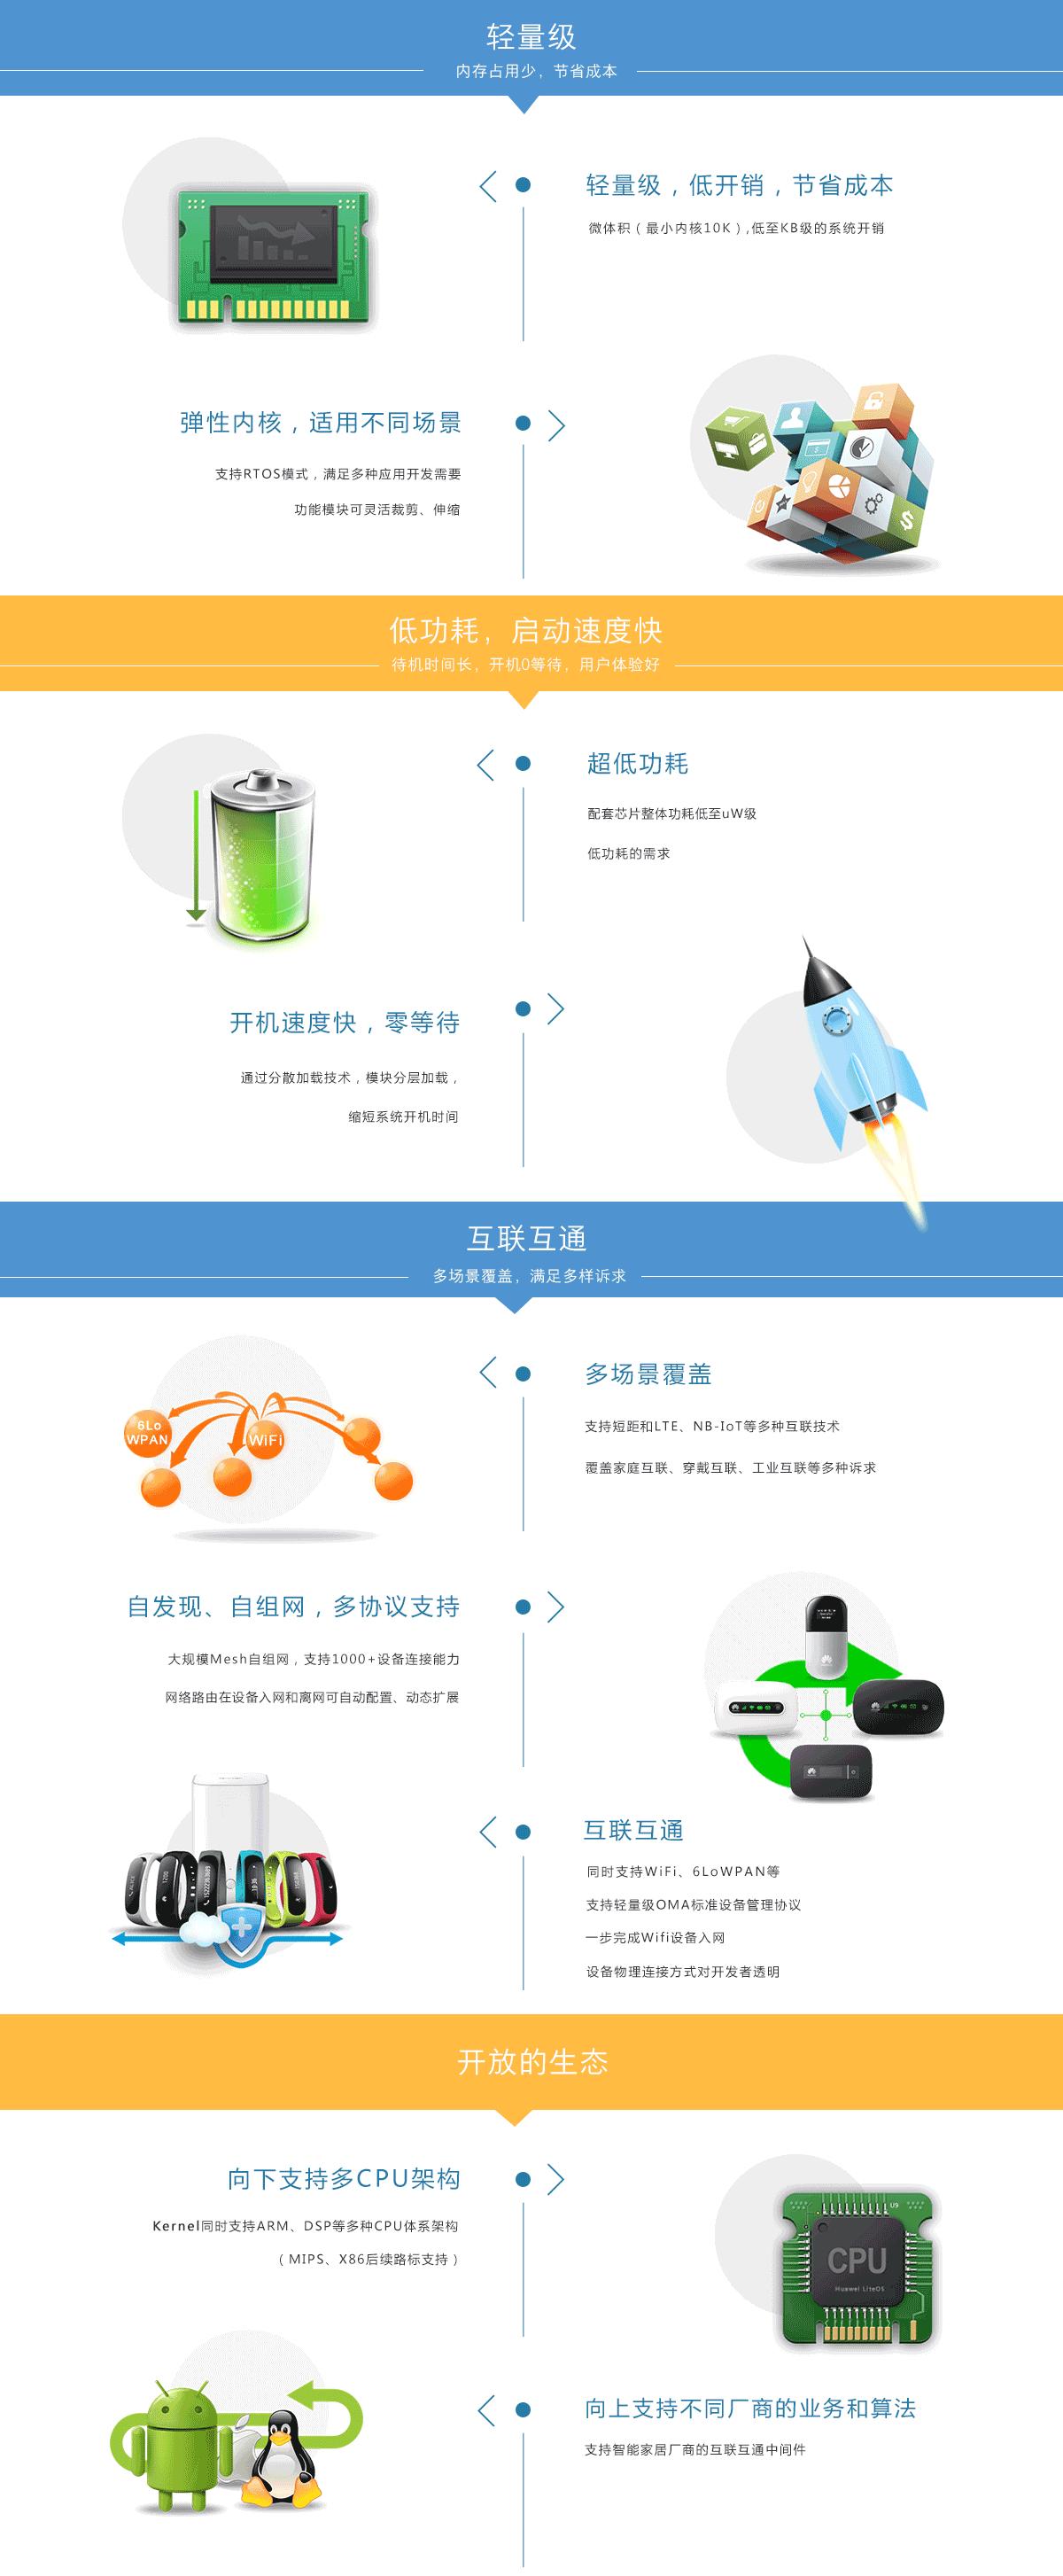 华为物联网操作系统 LiteOS